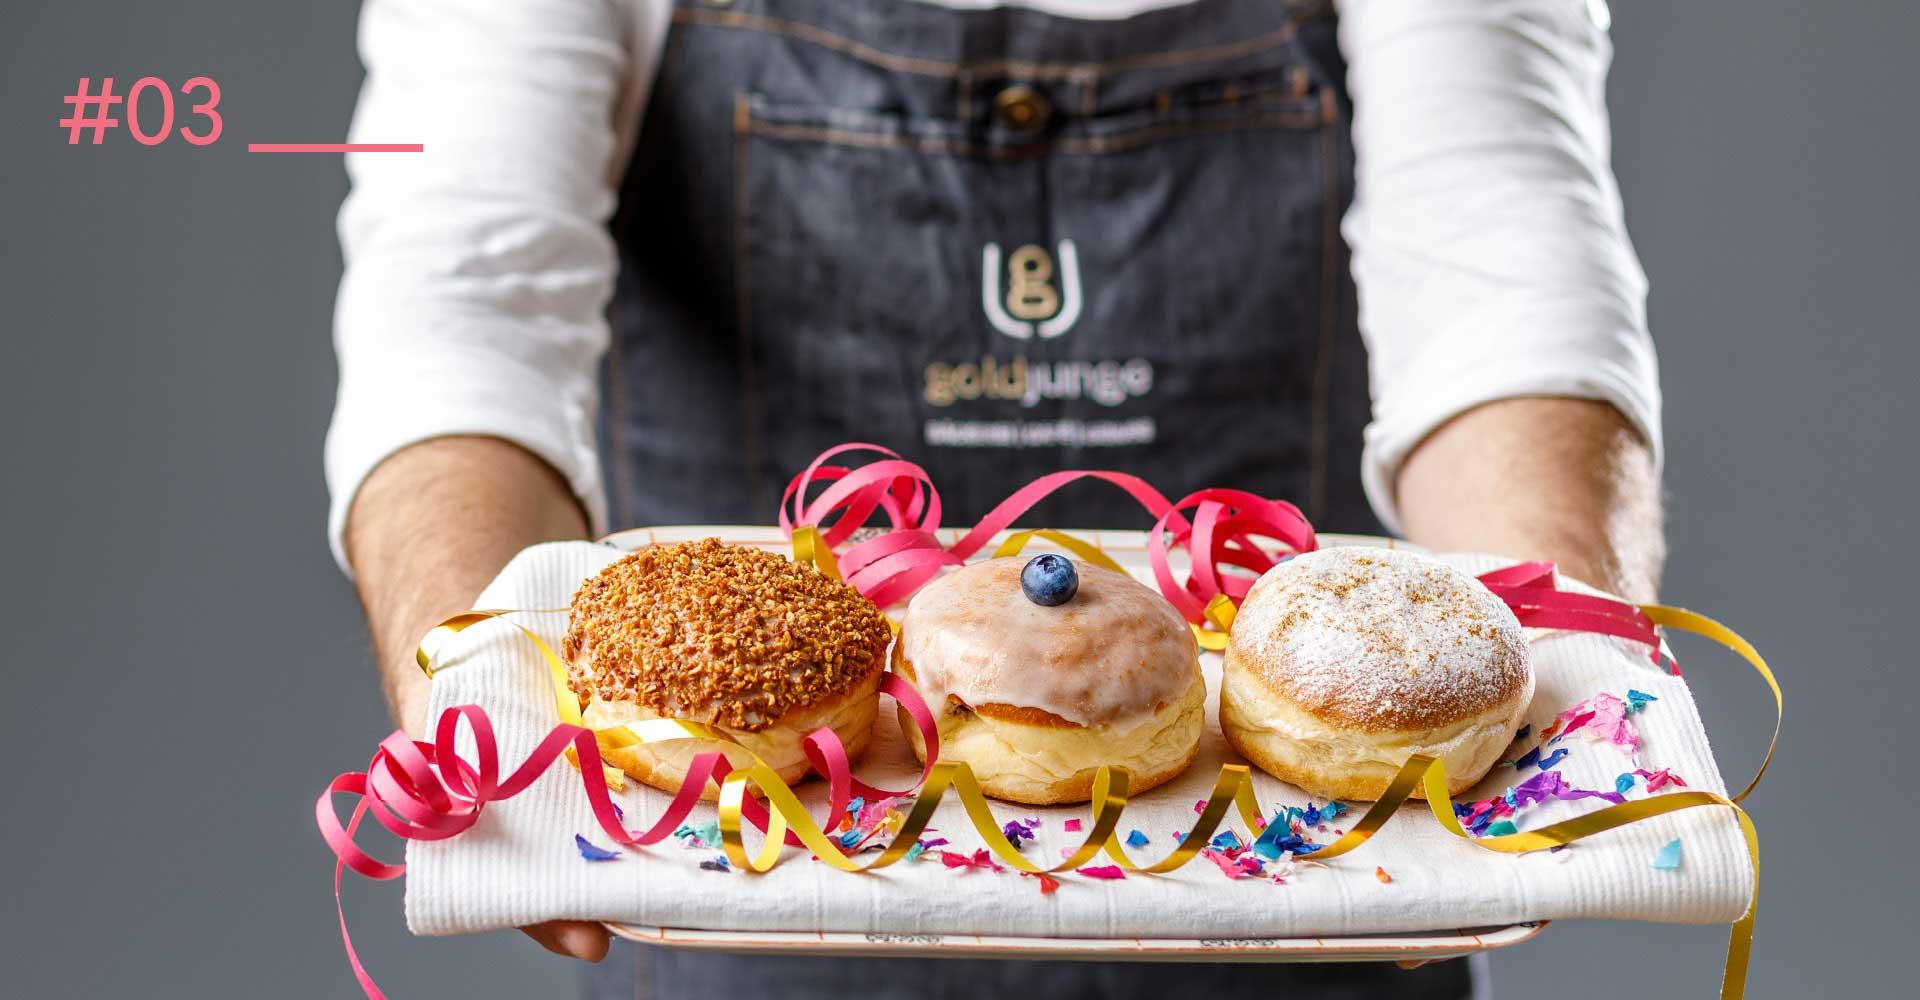 OPUS Marketing / Food & Beverage / goldjunge / Food-Photography